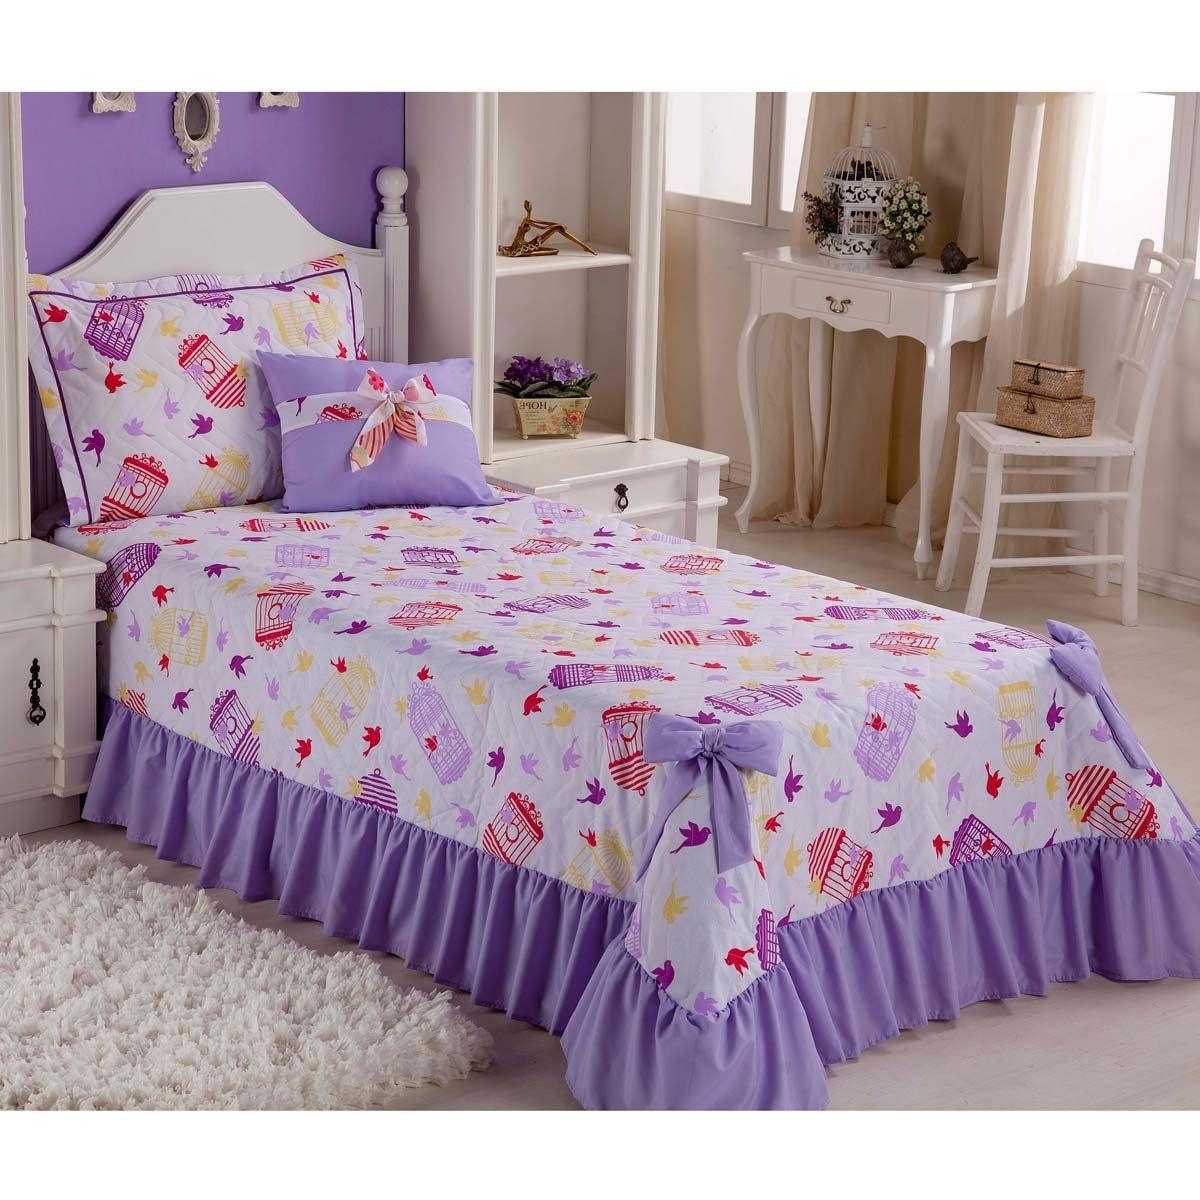 18634c95f9 Colcha para cama de Solteiro Padrão Laila 3 Peças com Almofada em tecido  estampado Pássaros